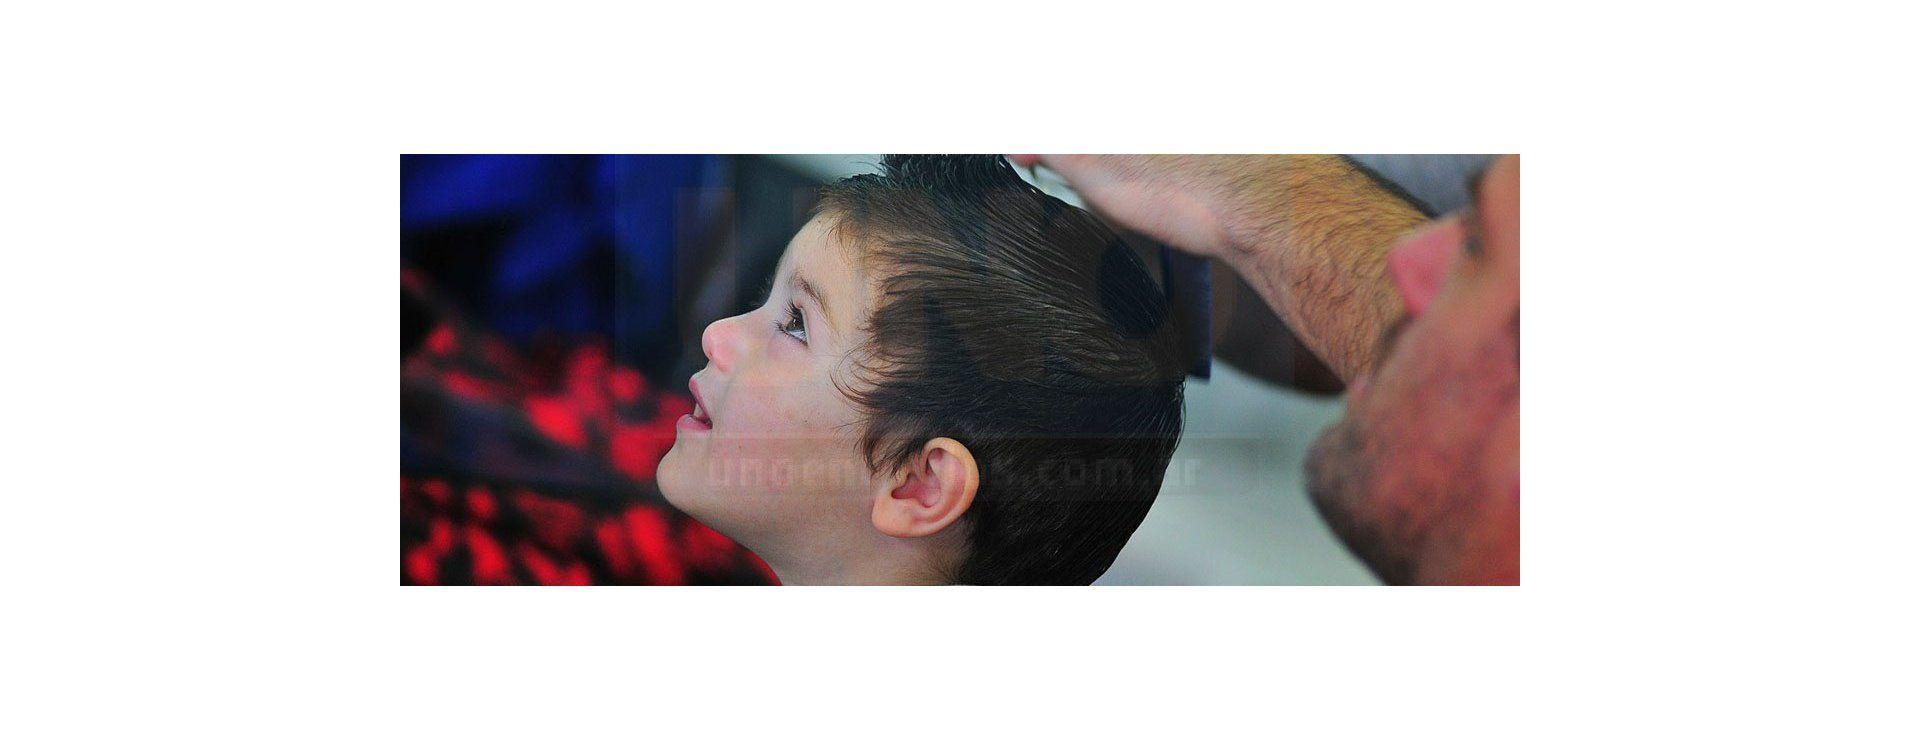 Un corte de pelo que empezó con lágrimas y terminó con risas